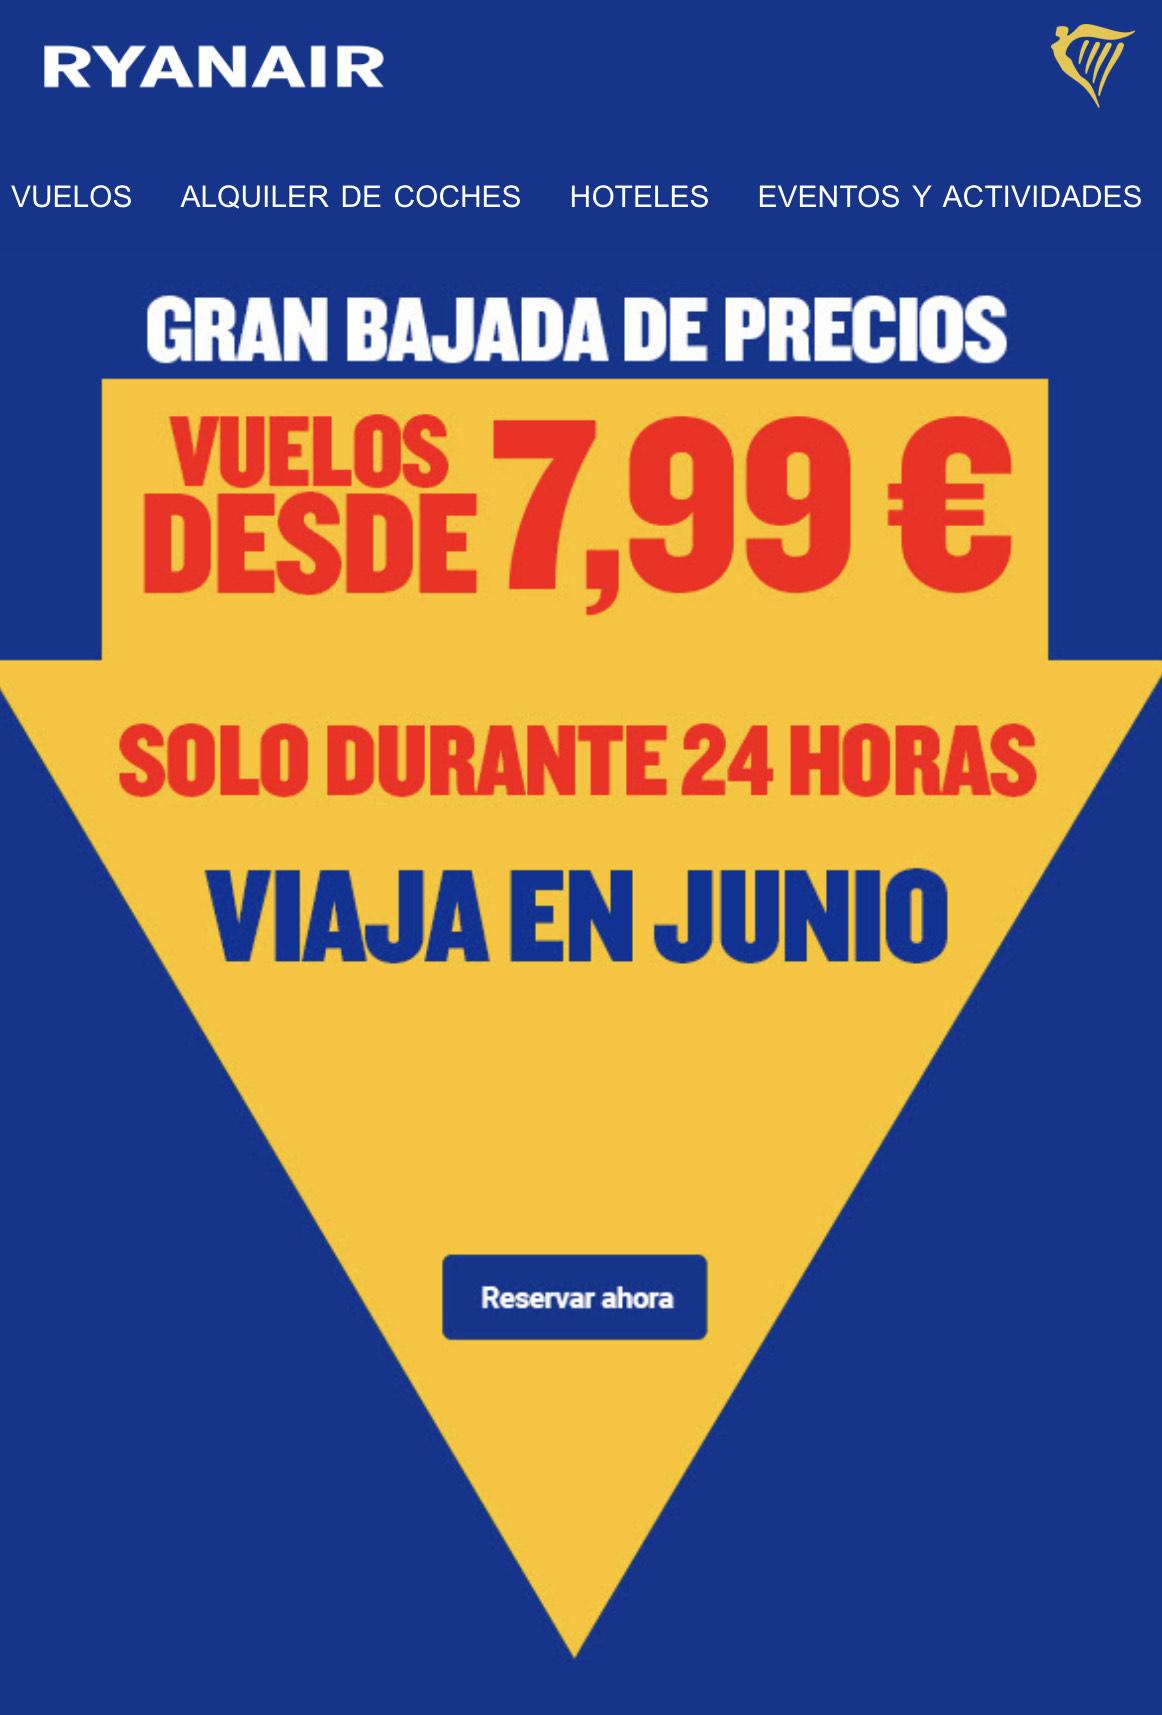 Vuelos Ryanair desde 4,99€